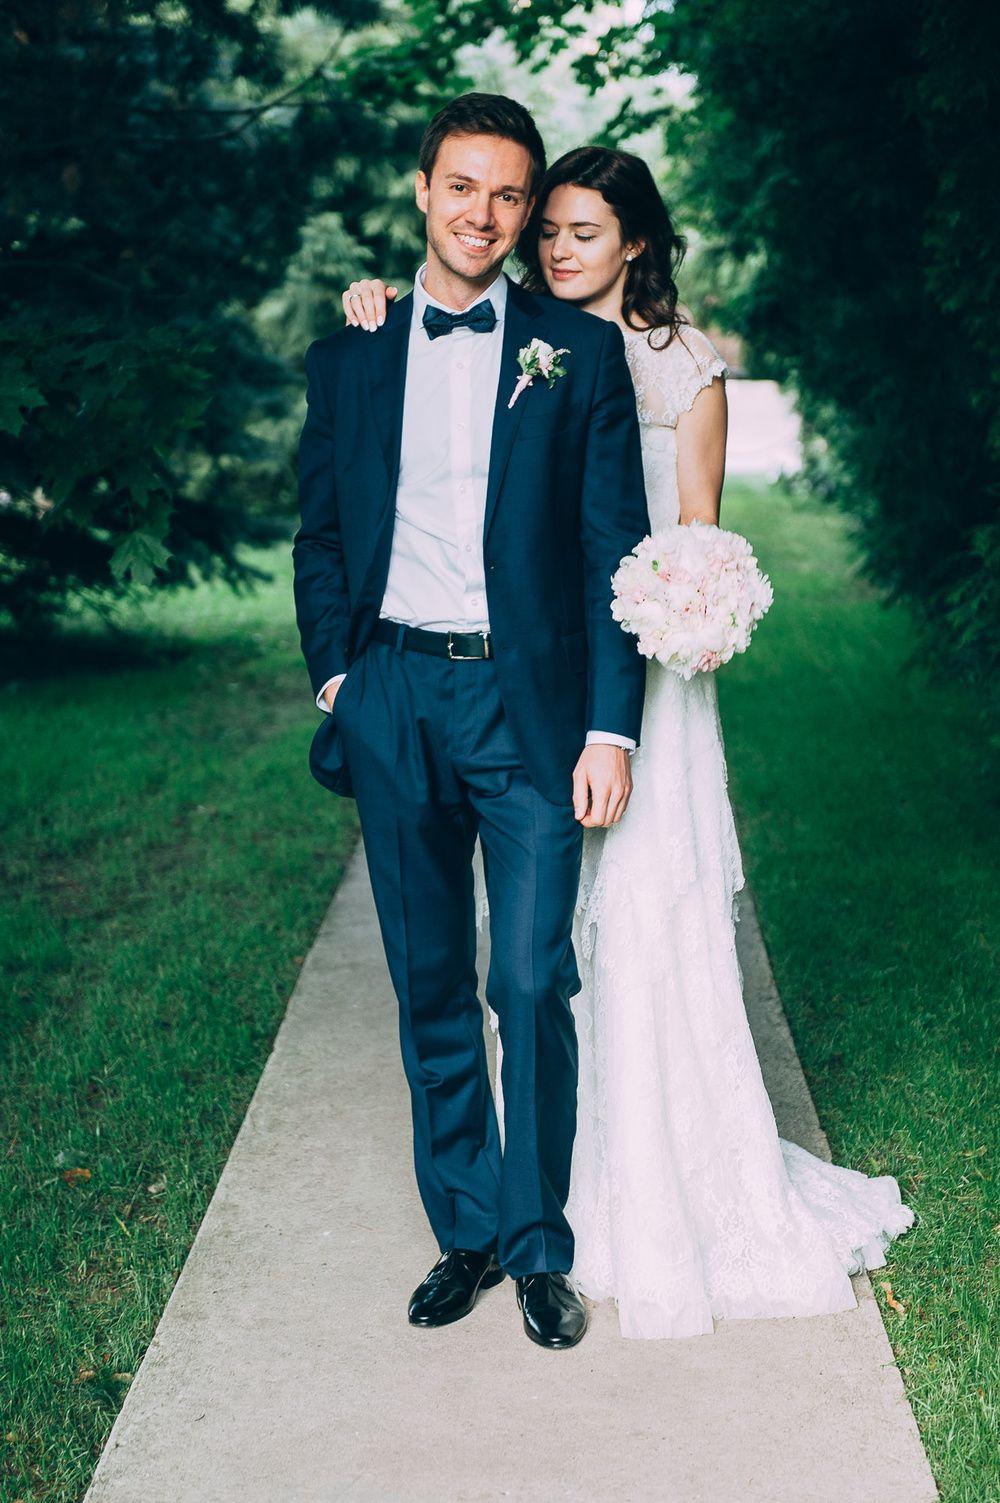 Vitaly & Kate photography Платье на свадьбу, Свадебный